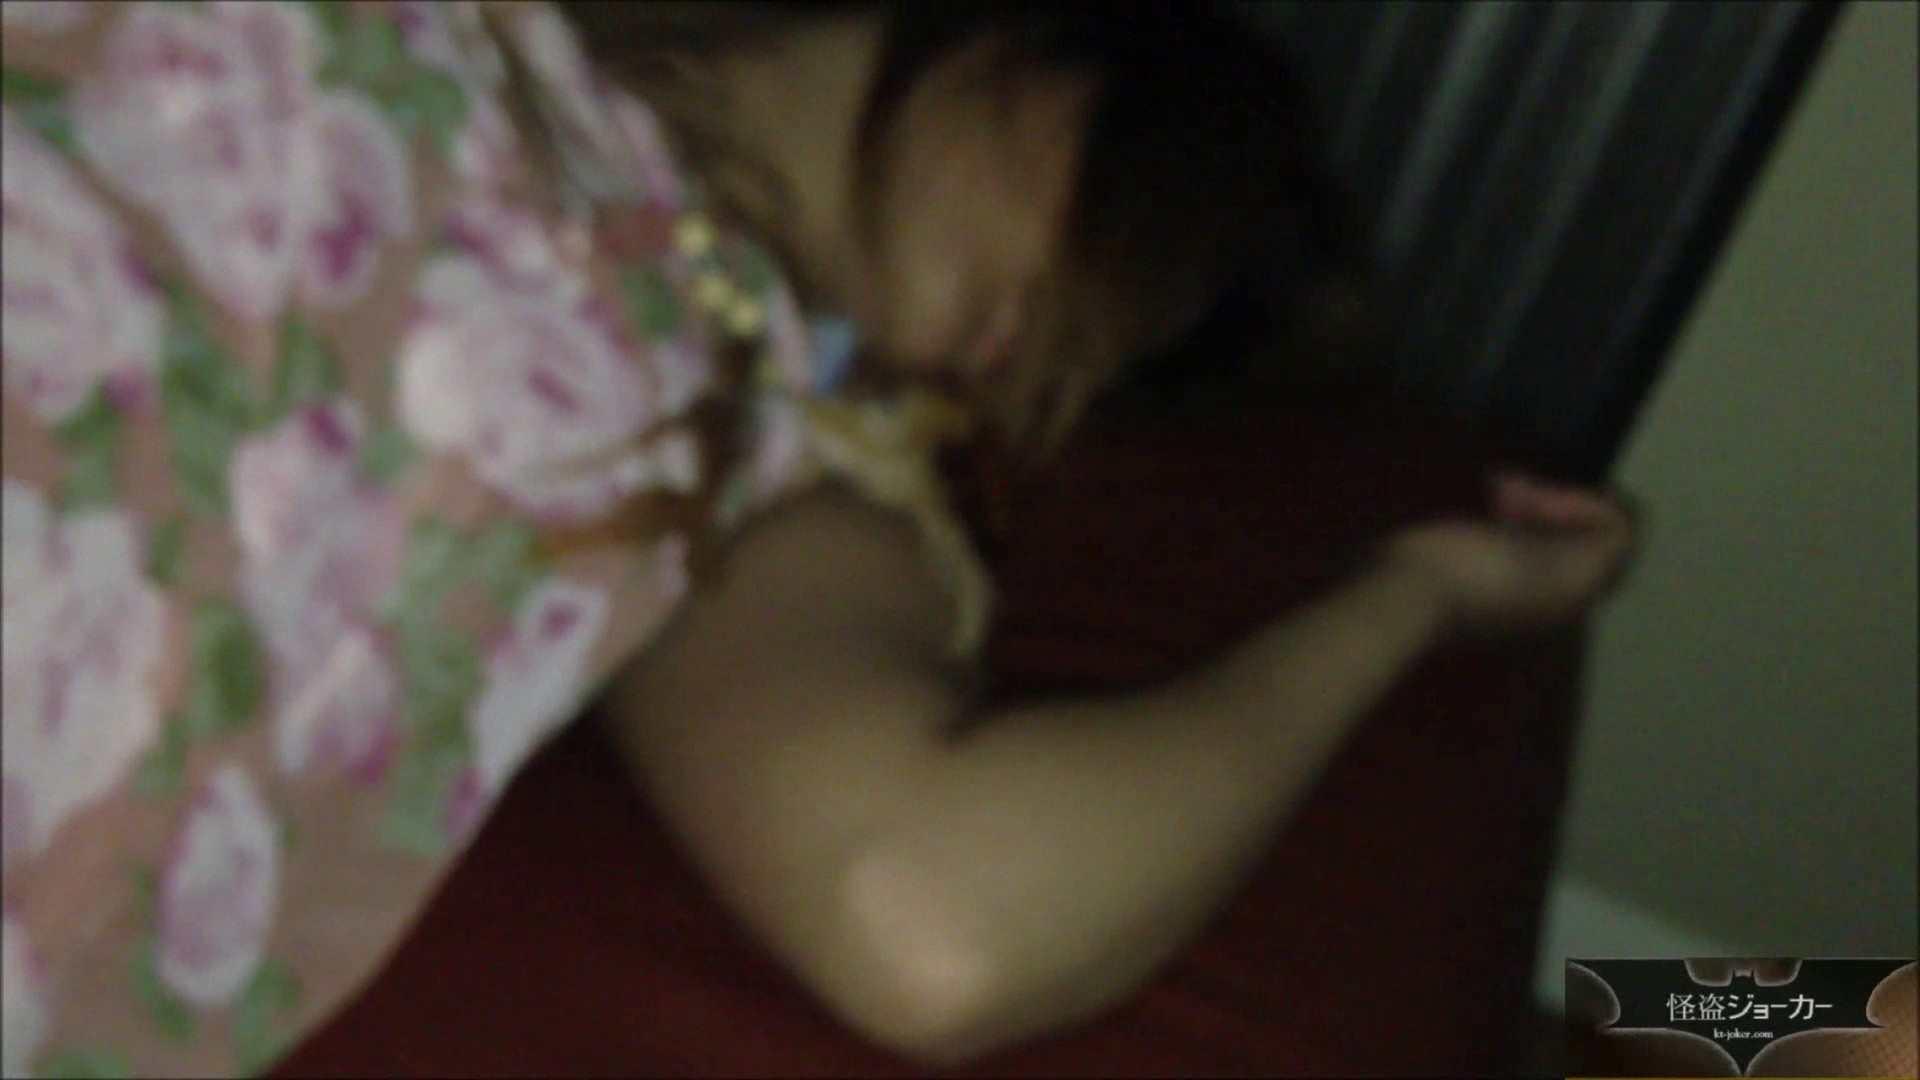 【未公開】vol.68{BLENDA系美女}UAちゃん_甘い香りと生臭い香り 0  82連発 15